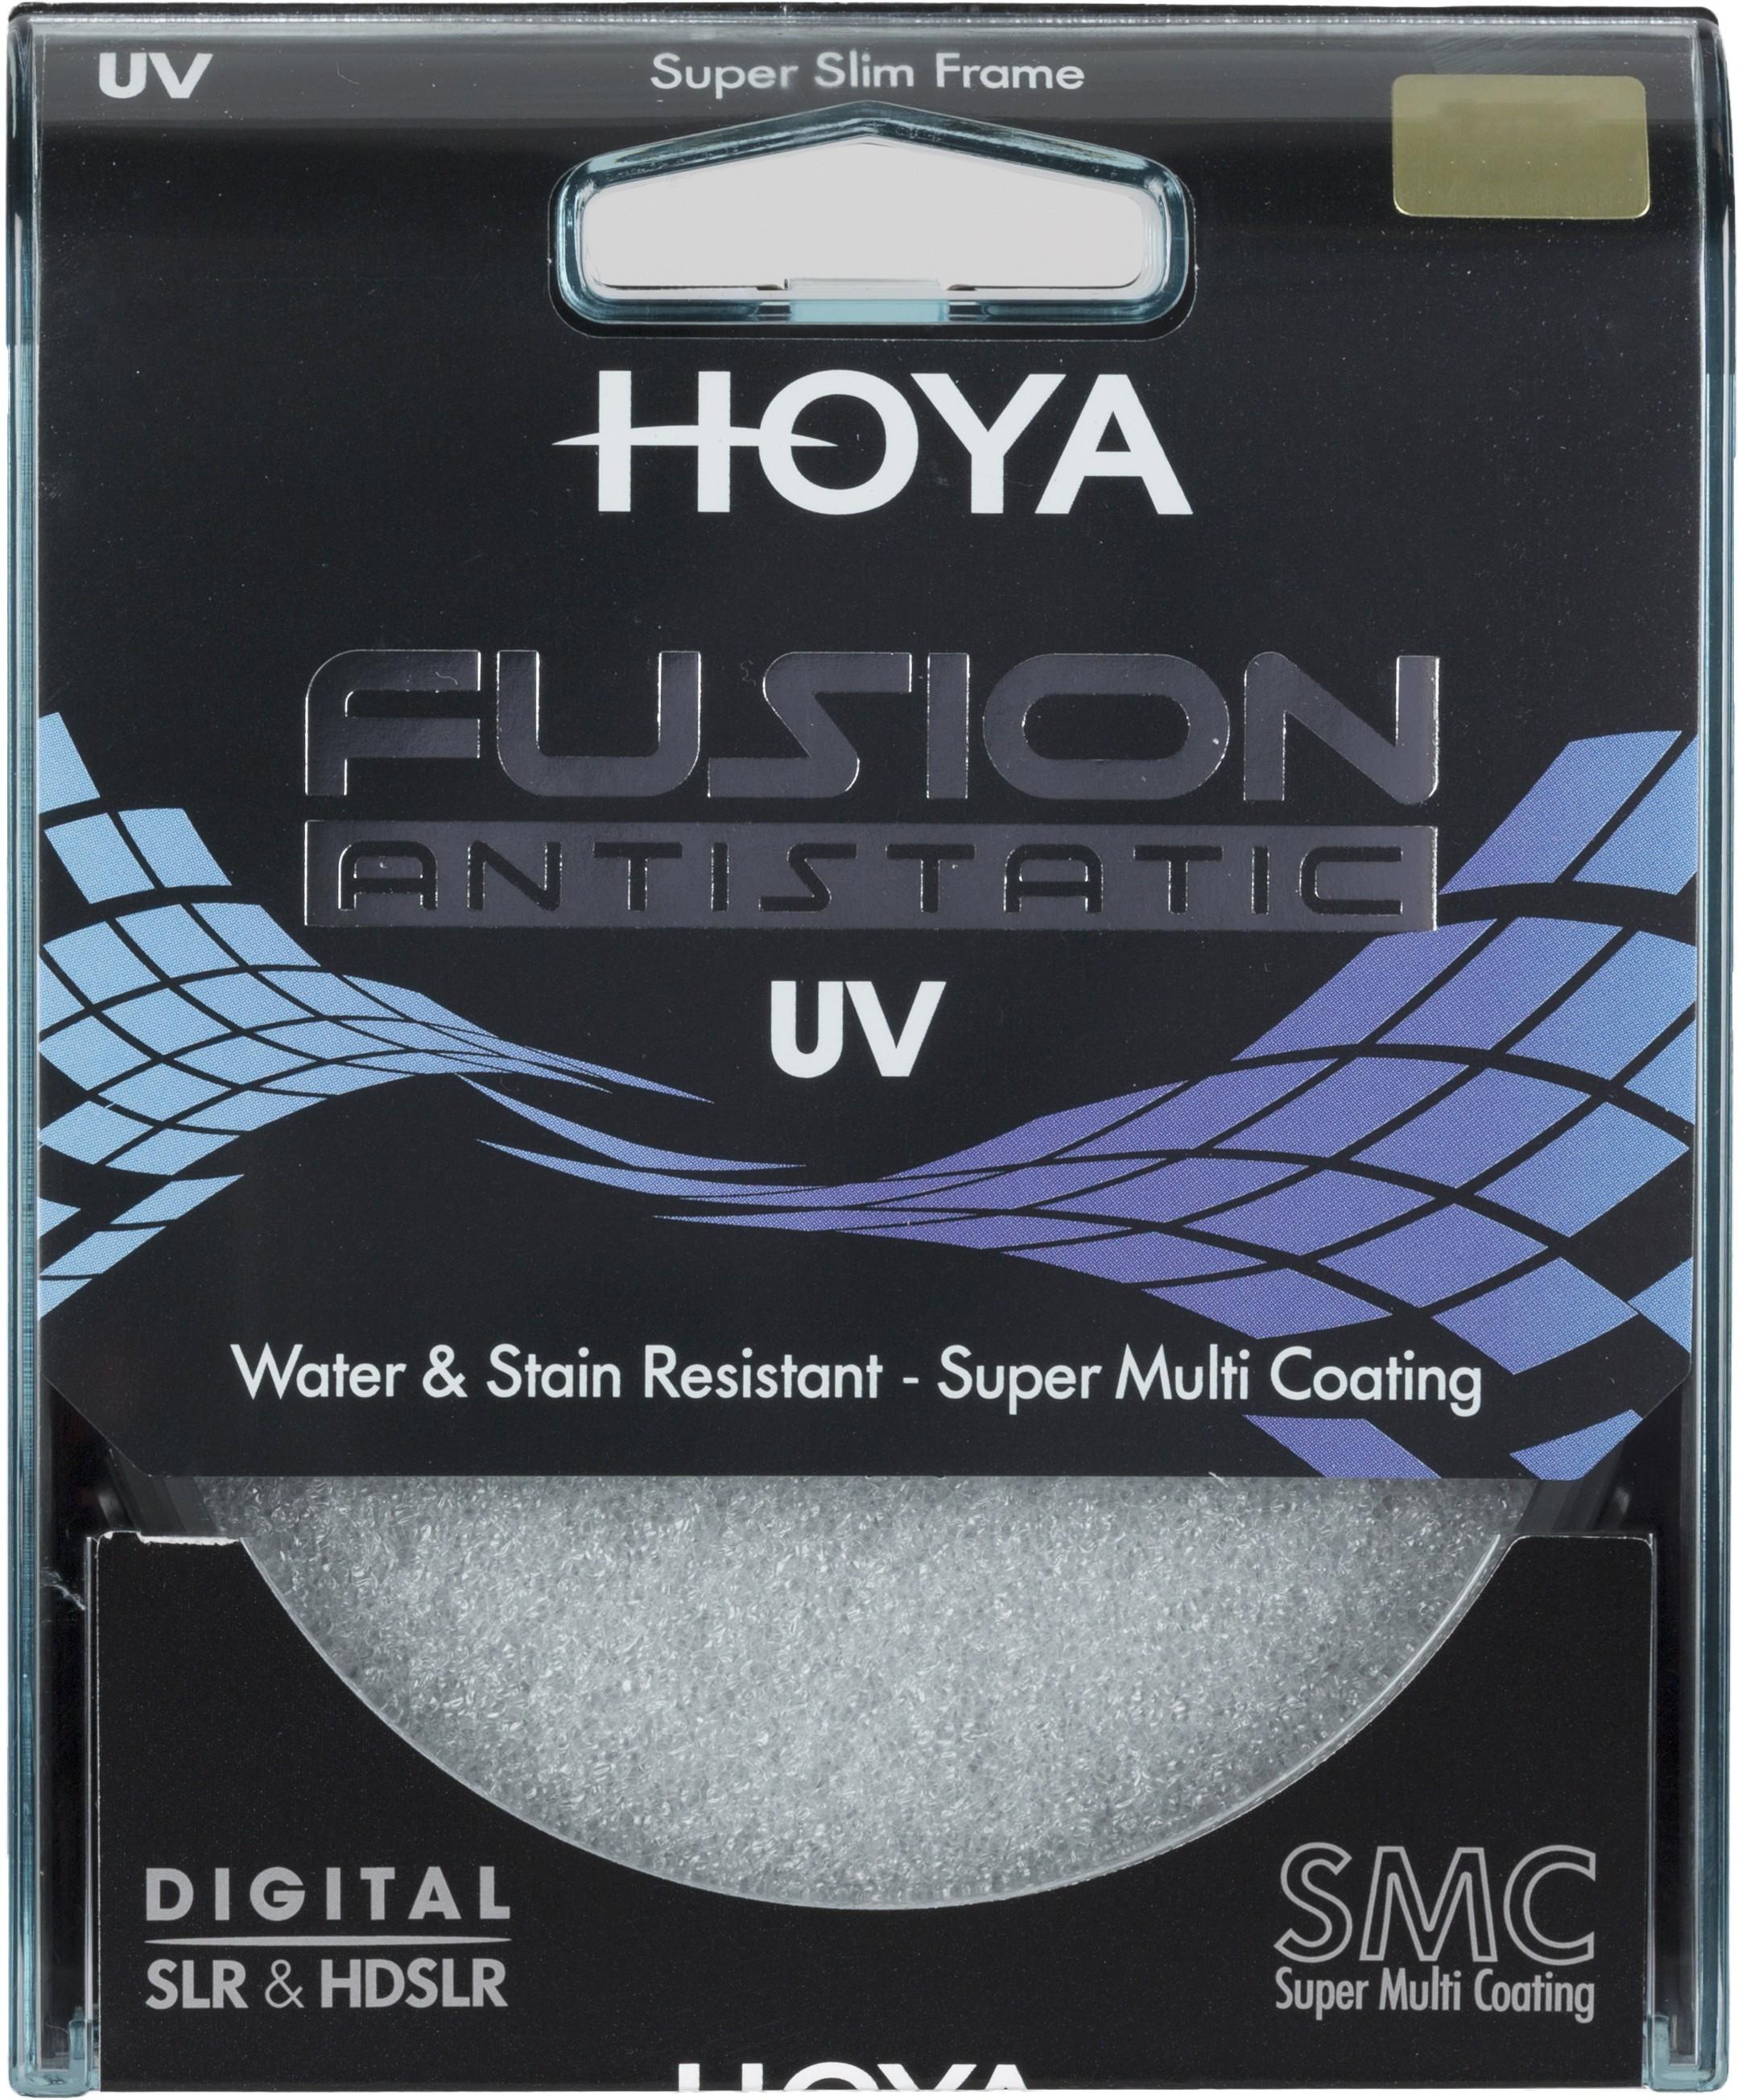 Hoya filter UV Fusion Antistatic 37mm